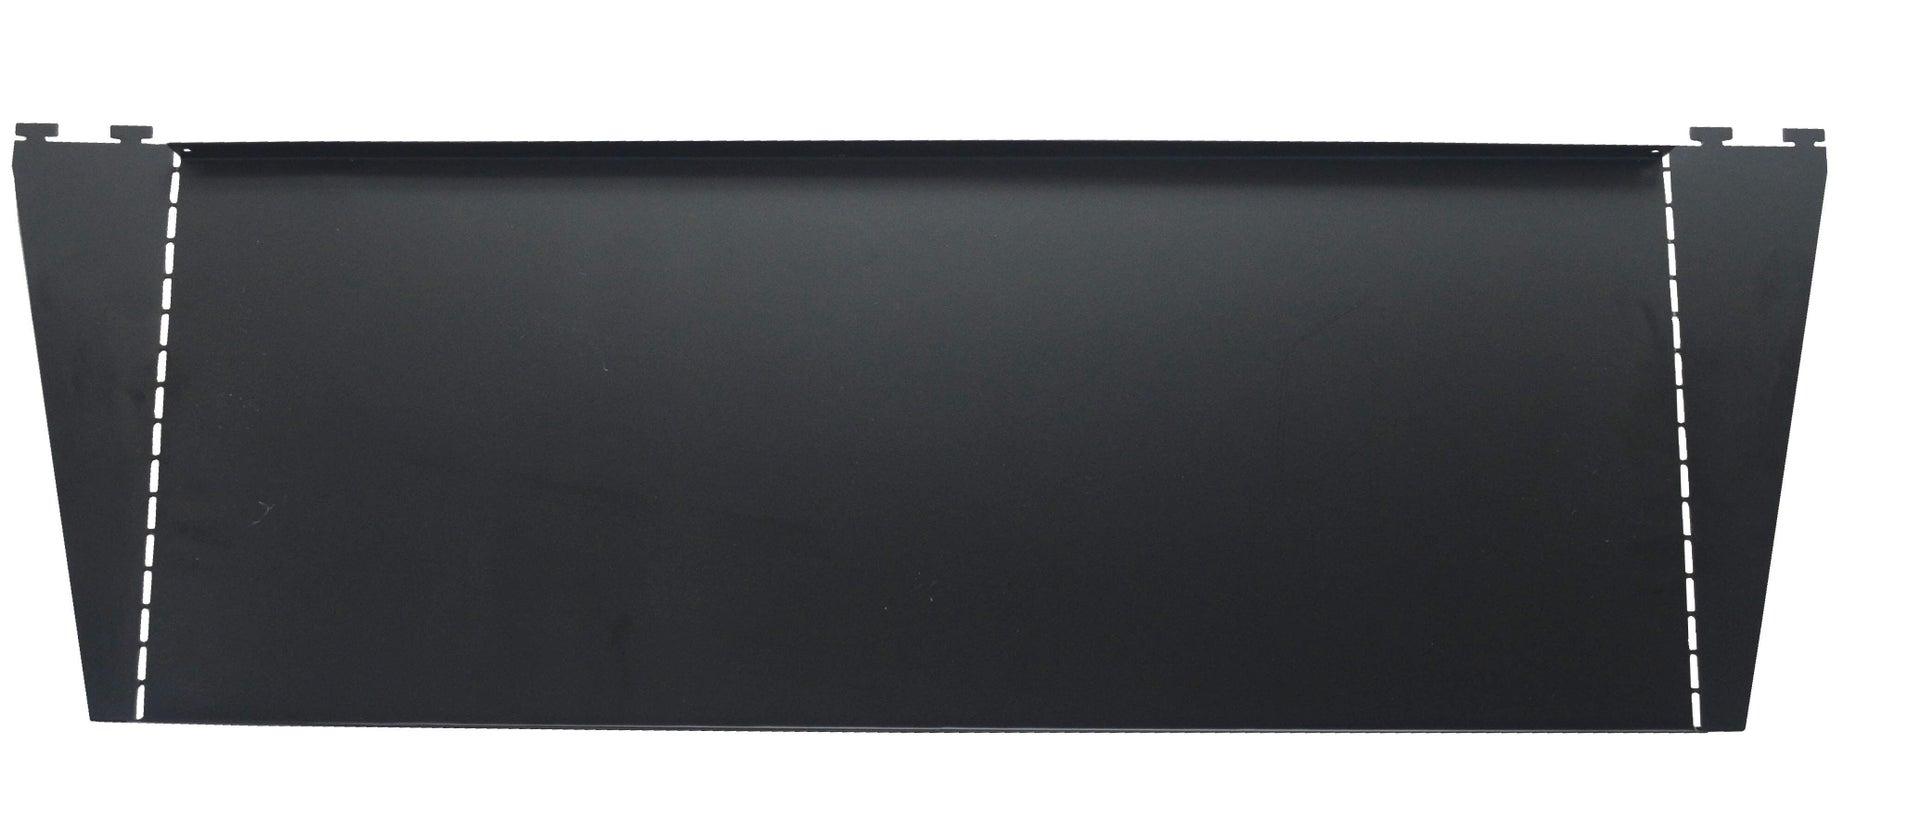 Set di 2 pezzi, Ripiano Element System L 80 x H 10 x P 30 cm nero